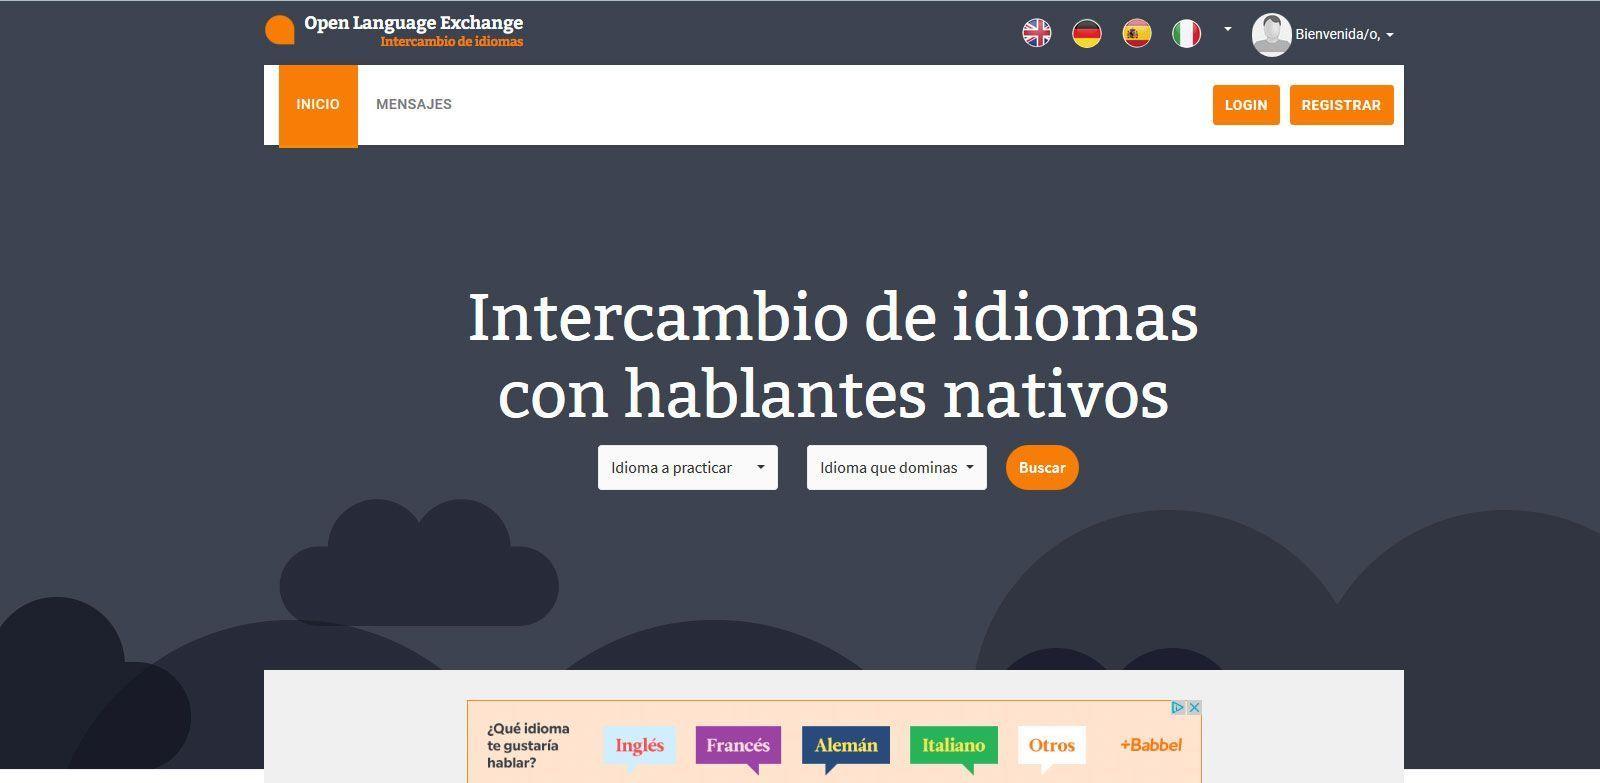 open language exchange web